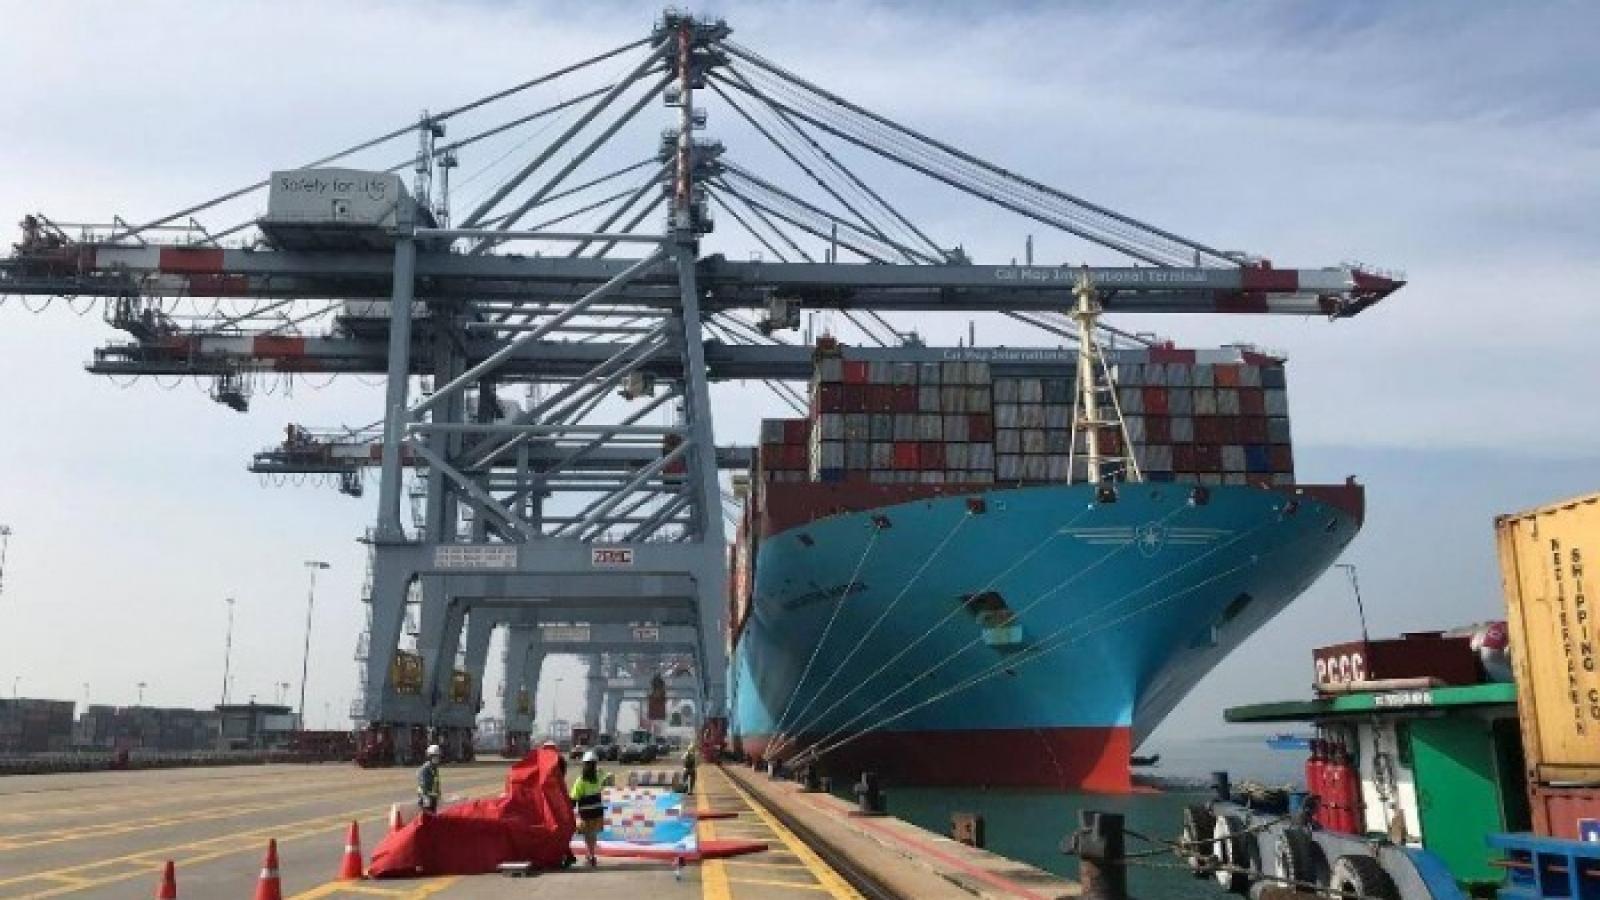 Quy định mới nhất của Bộ GTVT về hàng hải, vận tải thuỷ nội địa